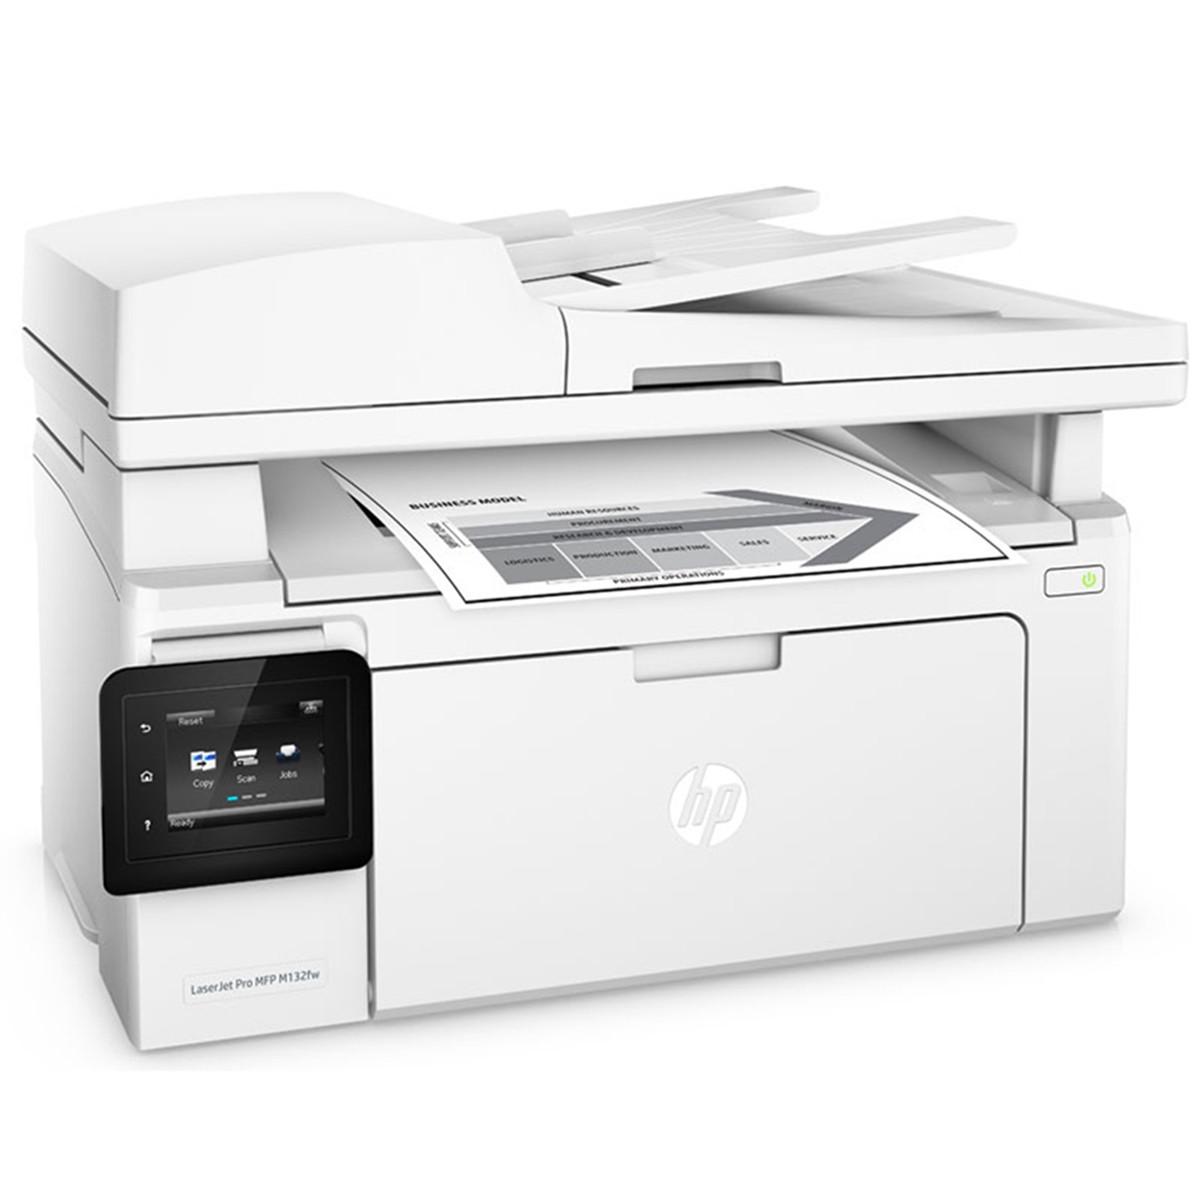 Impressora HP LaserJet M132FW G3Q65A Multifuncional Laser com Wireless e ADF